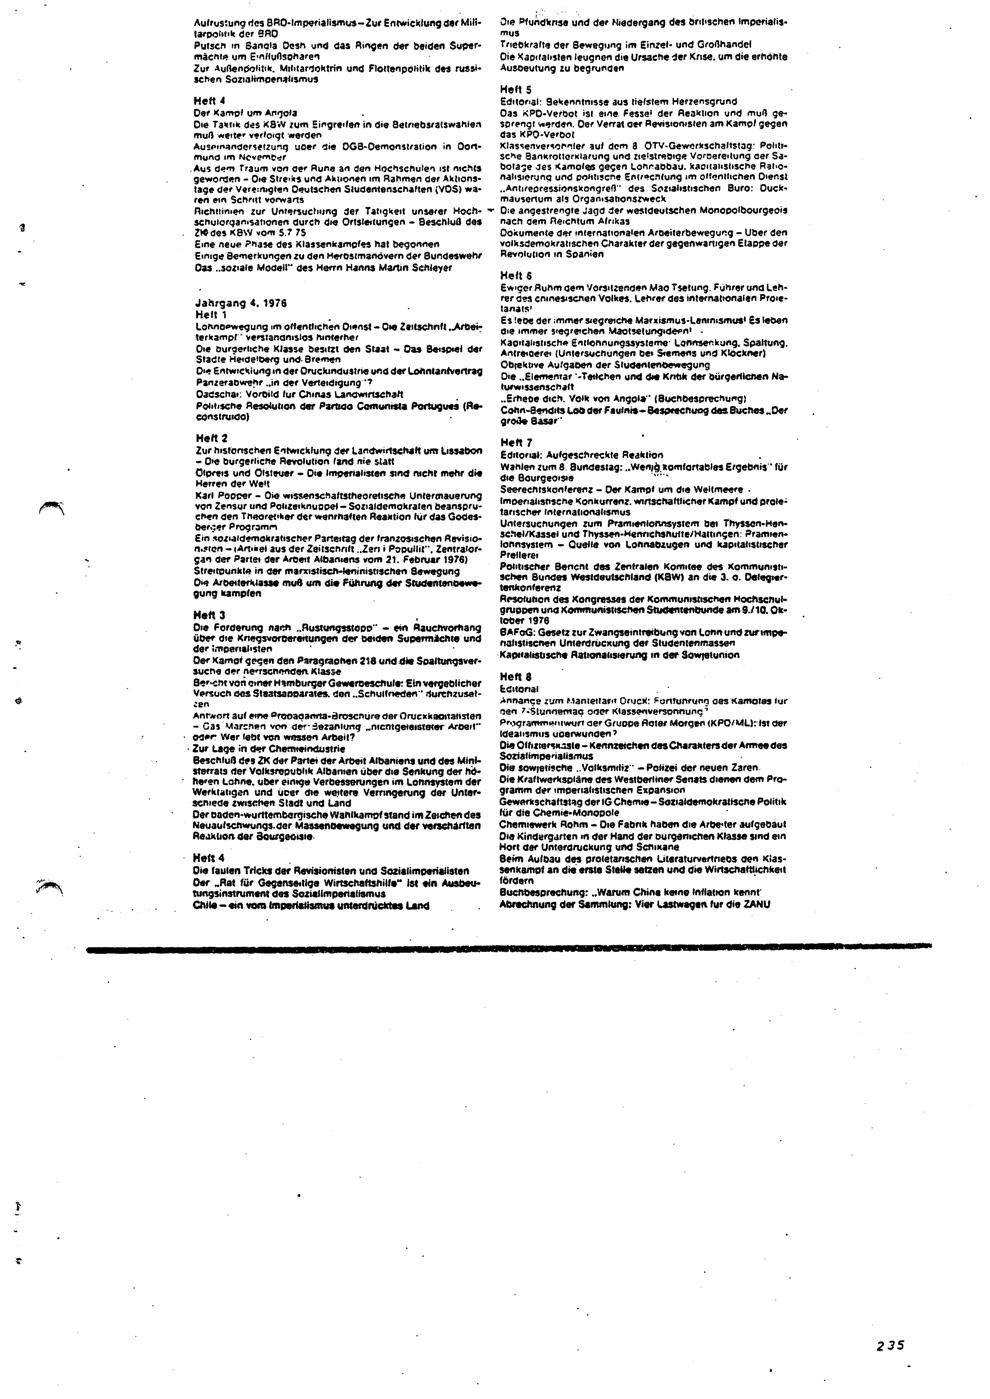 KABRW_Arbeitshefte_1978_31_115